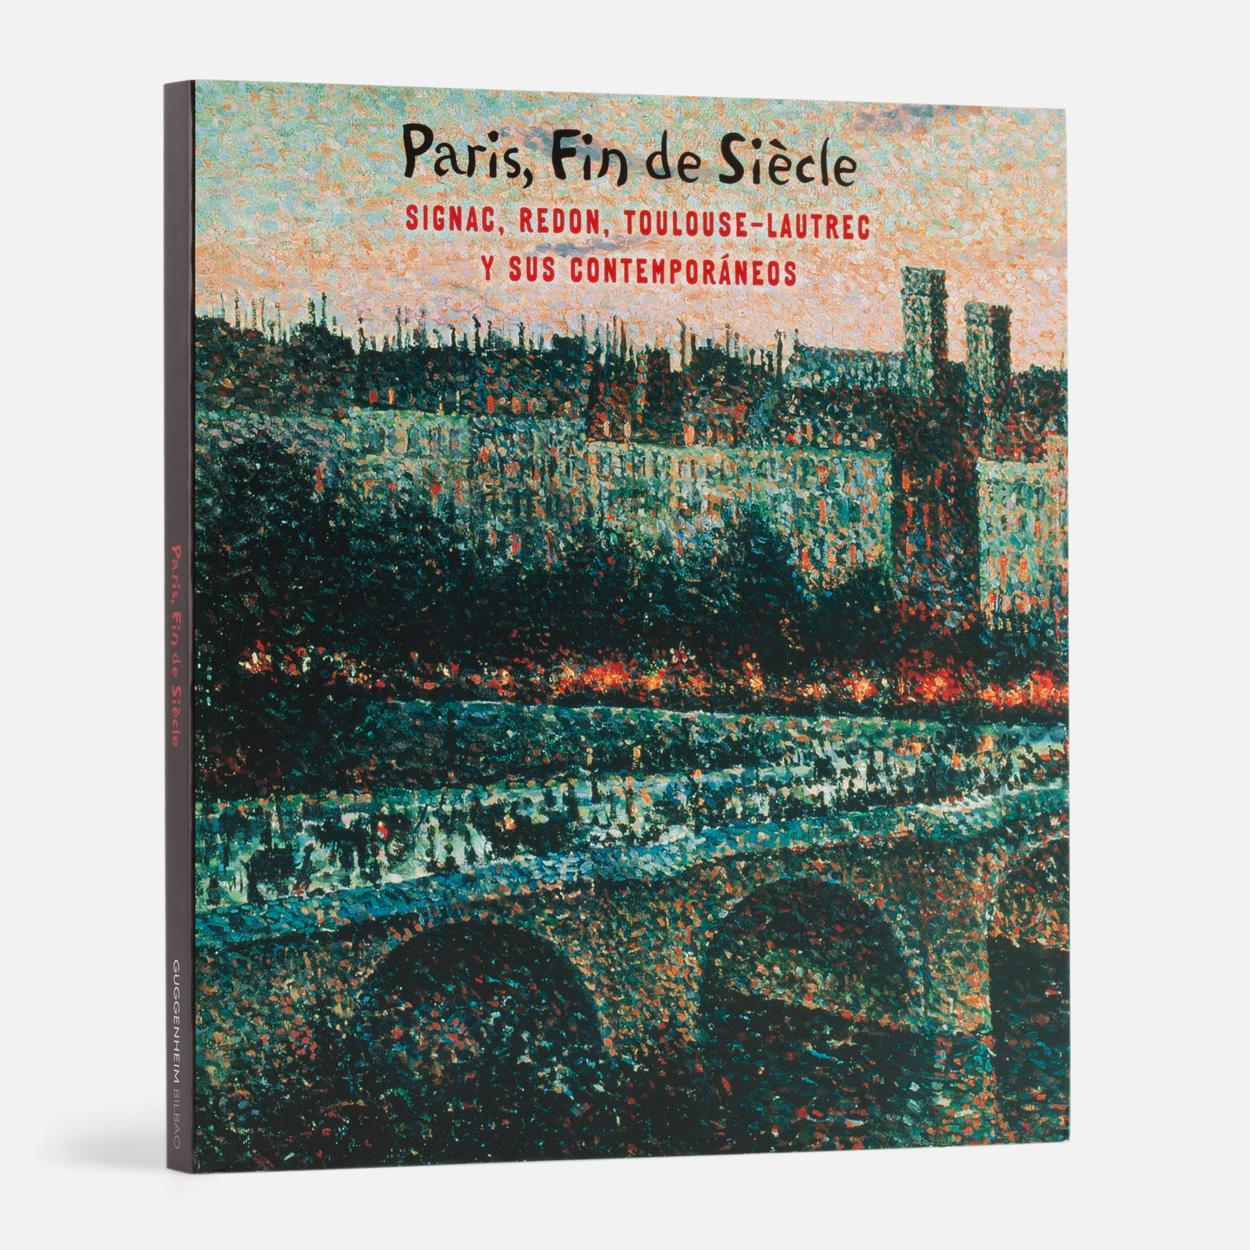 París fin de siglo